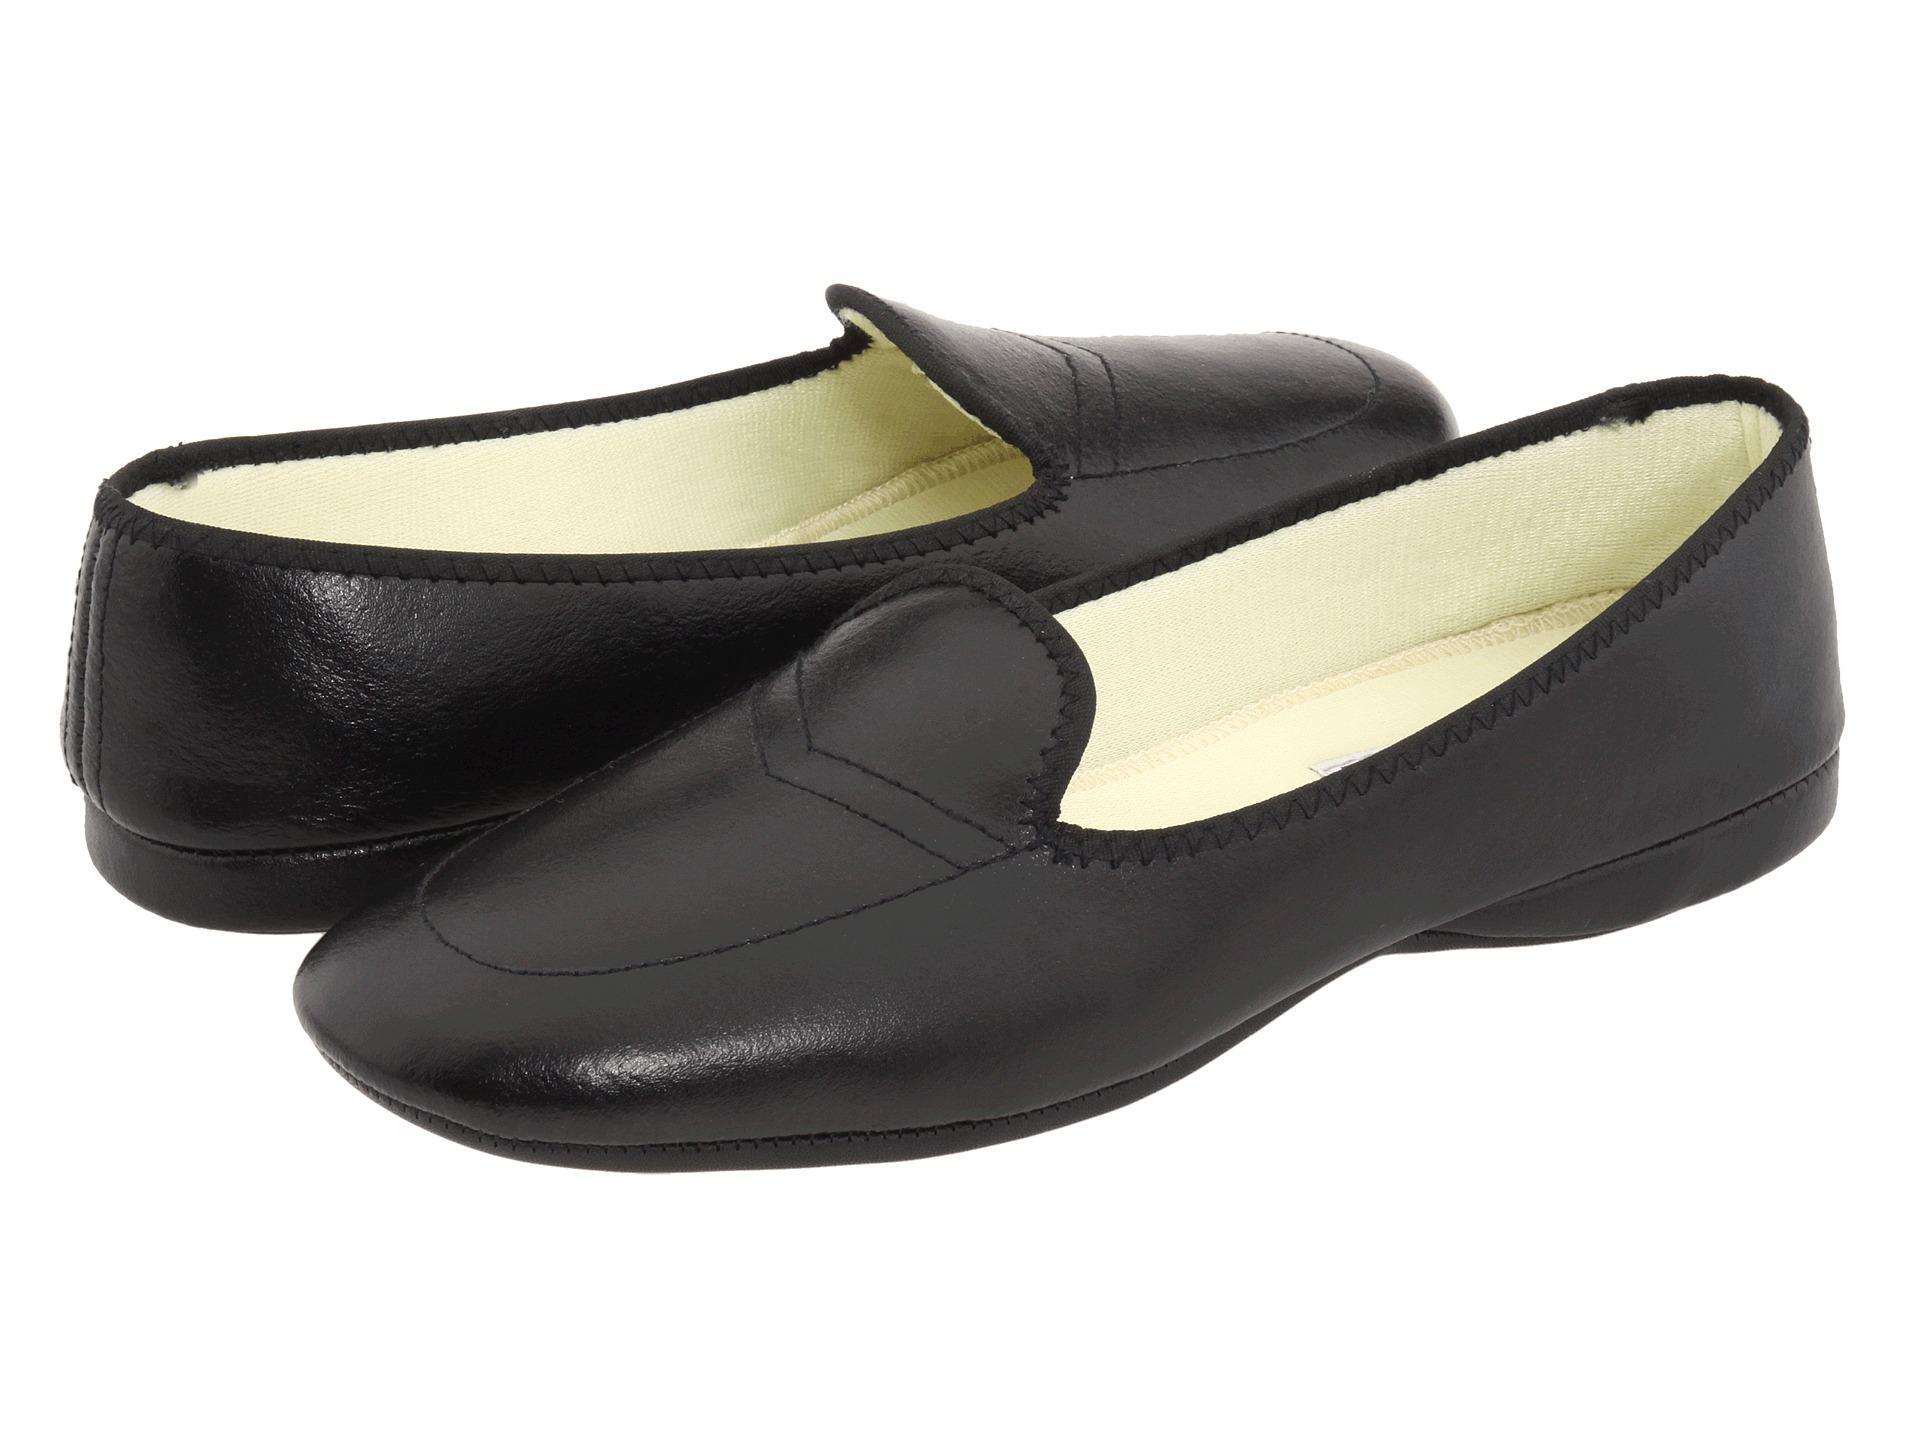 Daniel Green Shoes Bags Watches Zos Com